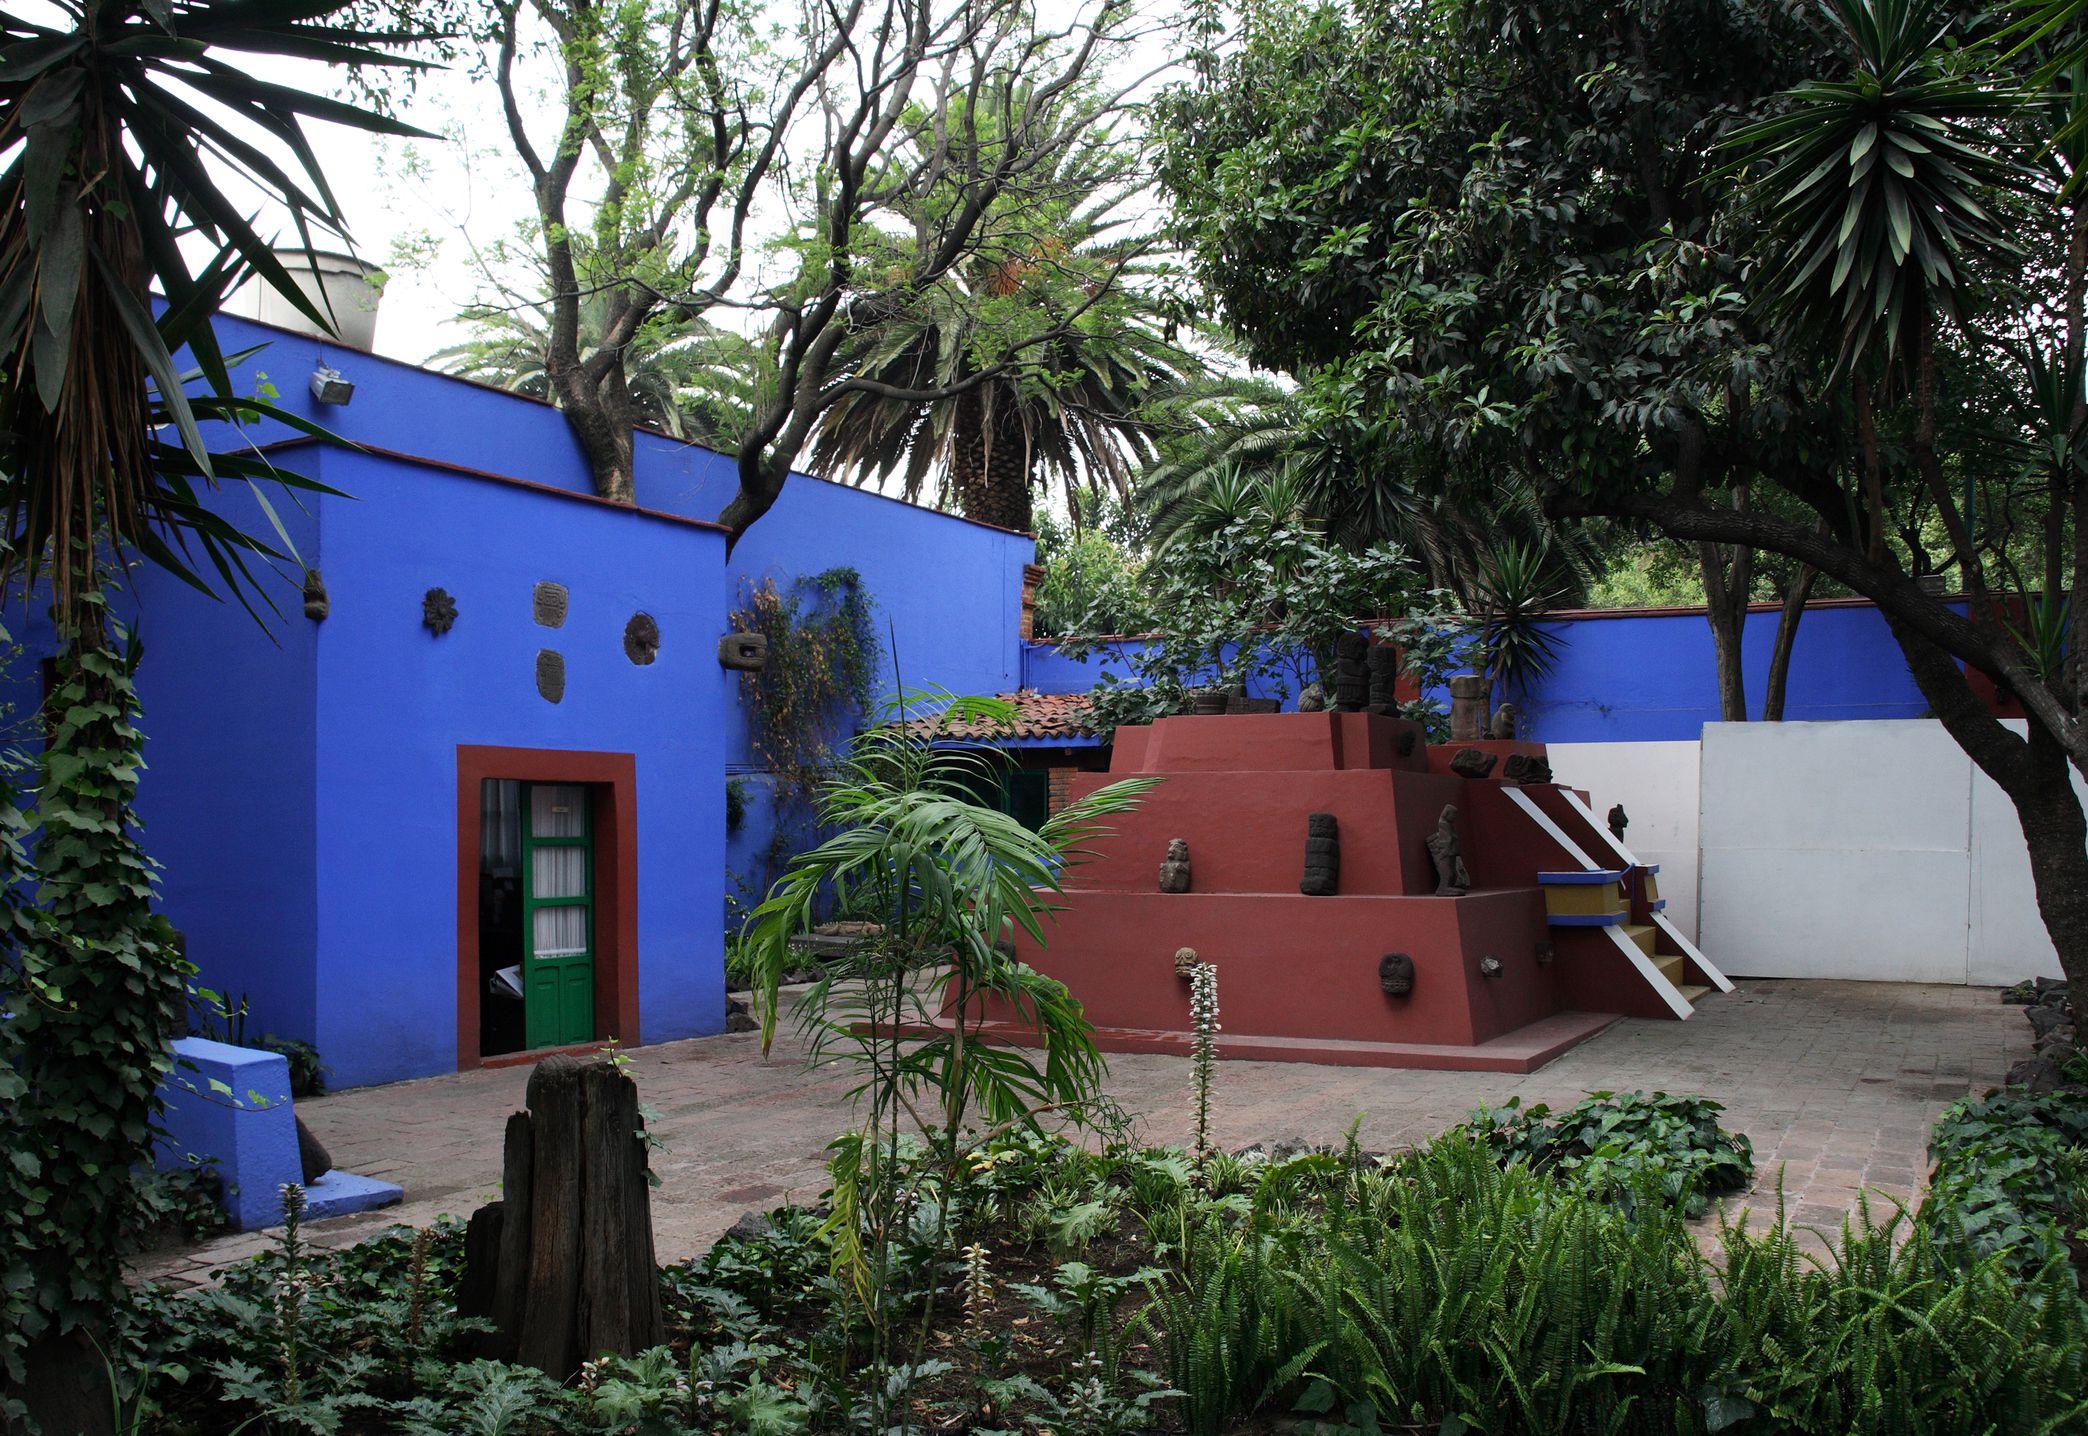 The Casa Azul, Frida Kahlo's former home